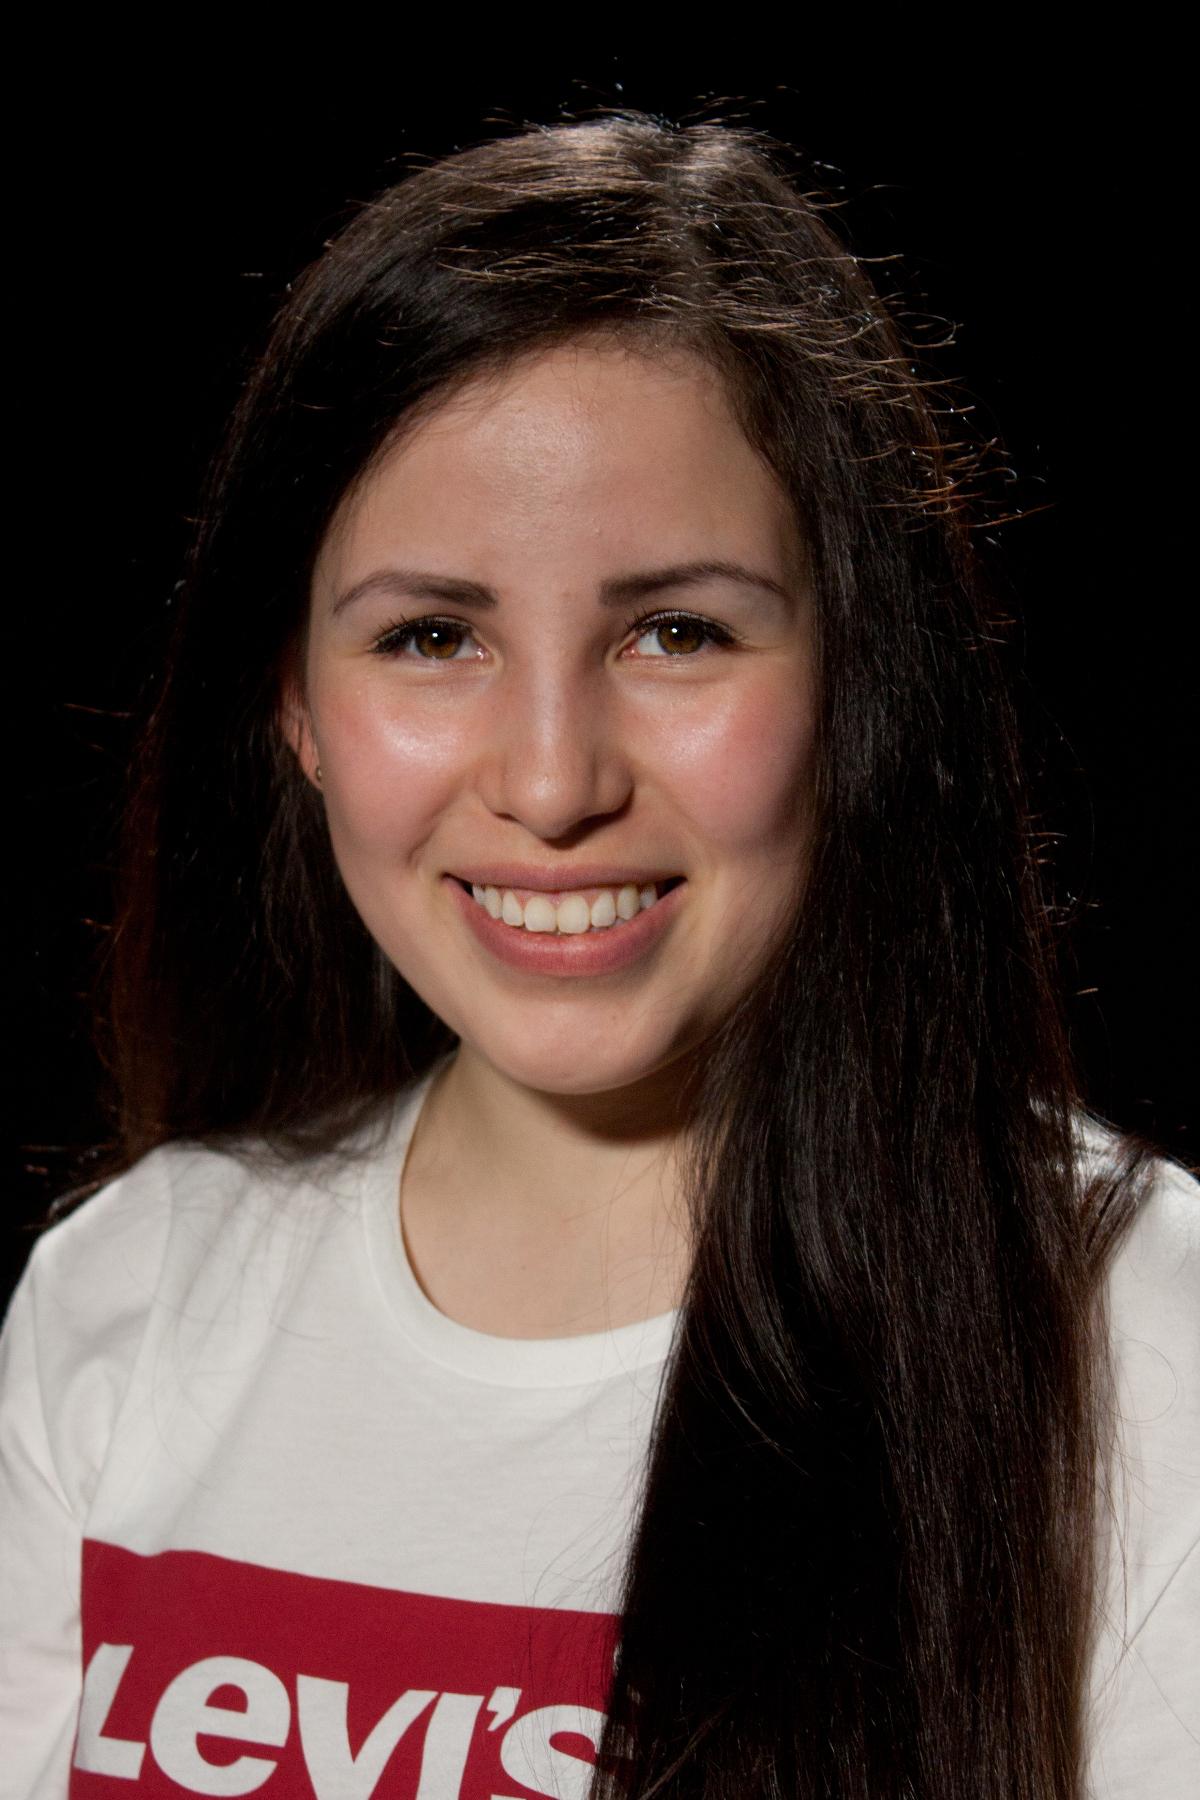 Louise Capulet